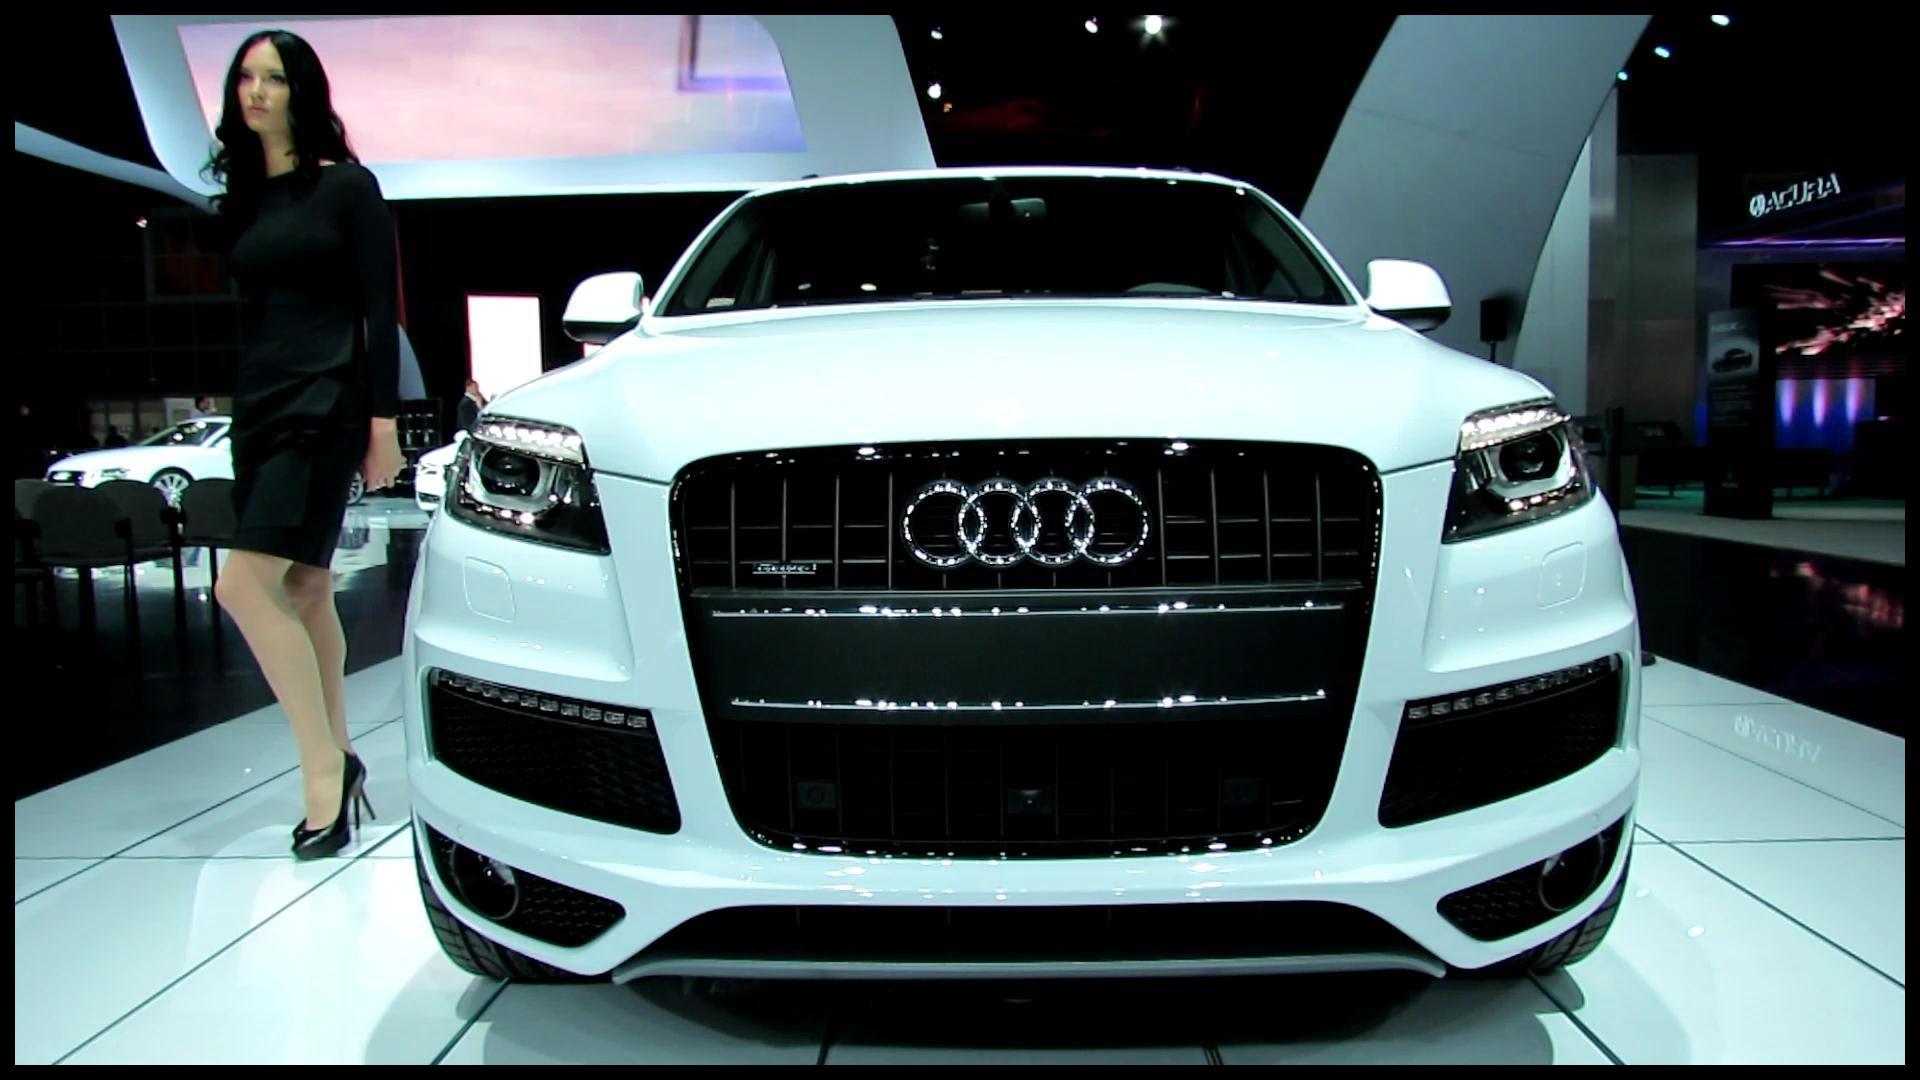 2013 Audi Q7 TDI Quattro Exterior and Interior Walkaround 2012 Los Angeles Auto Show